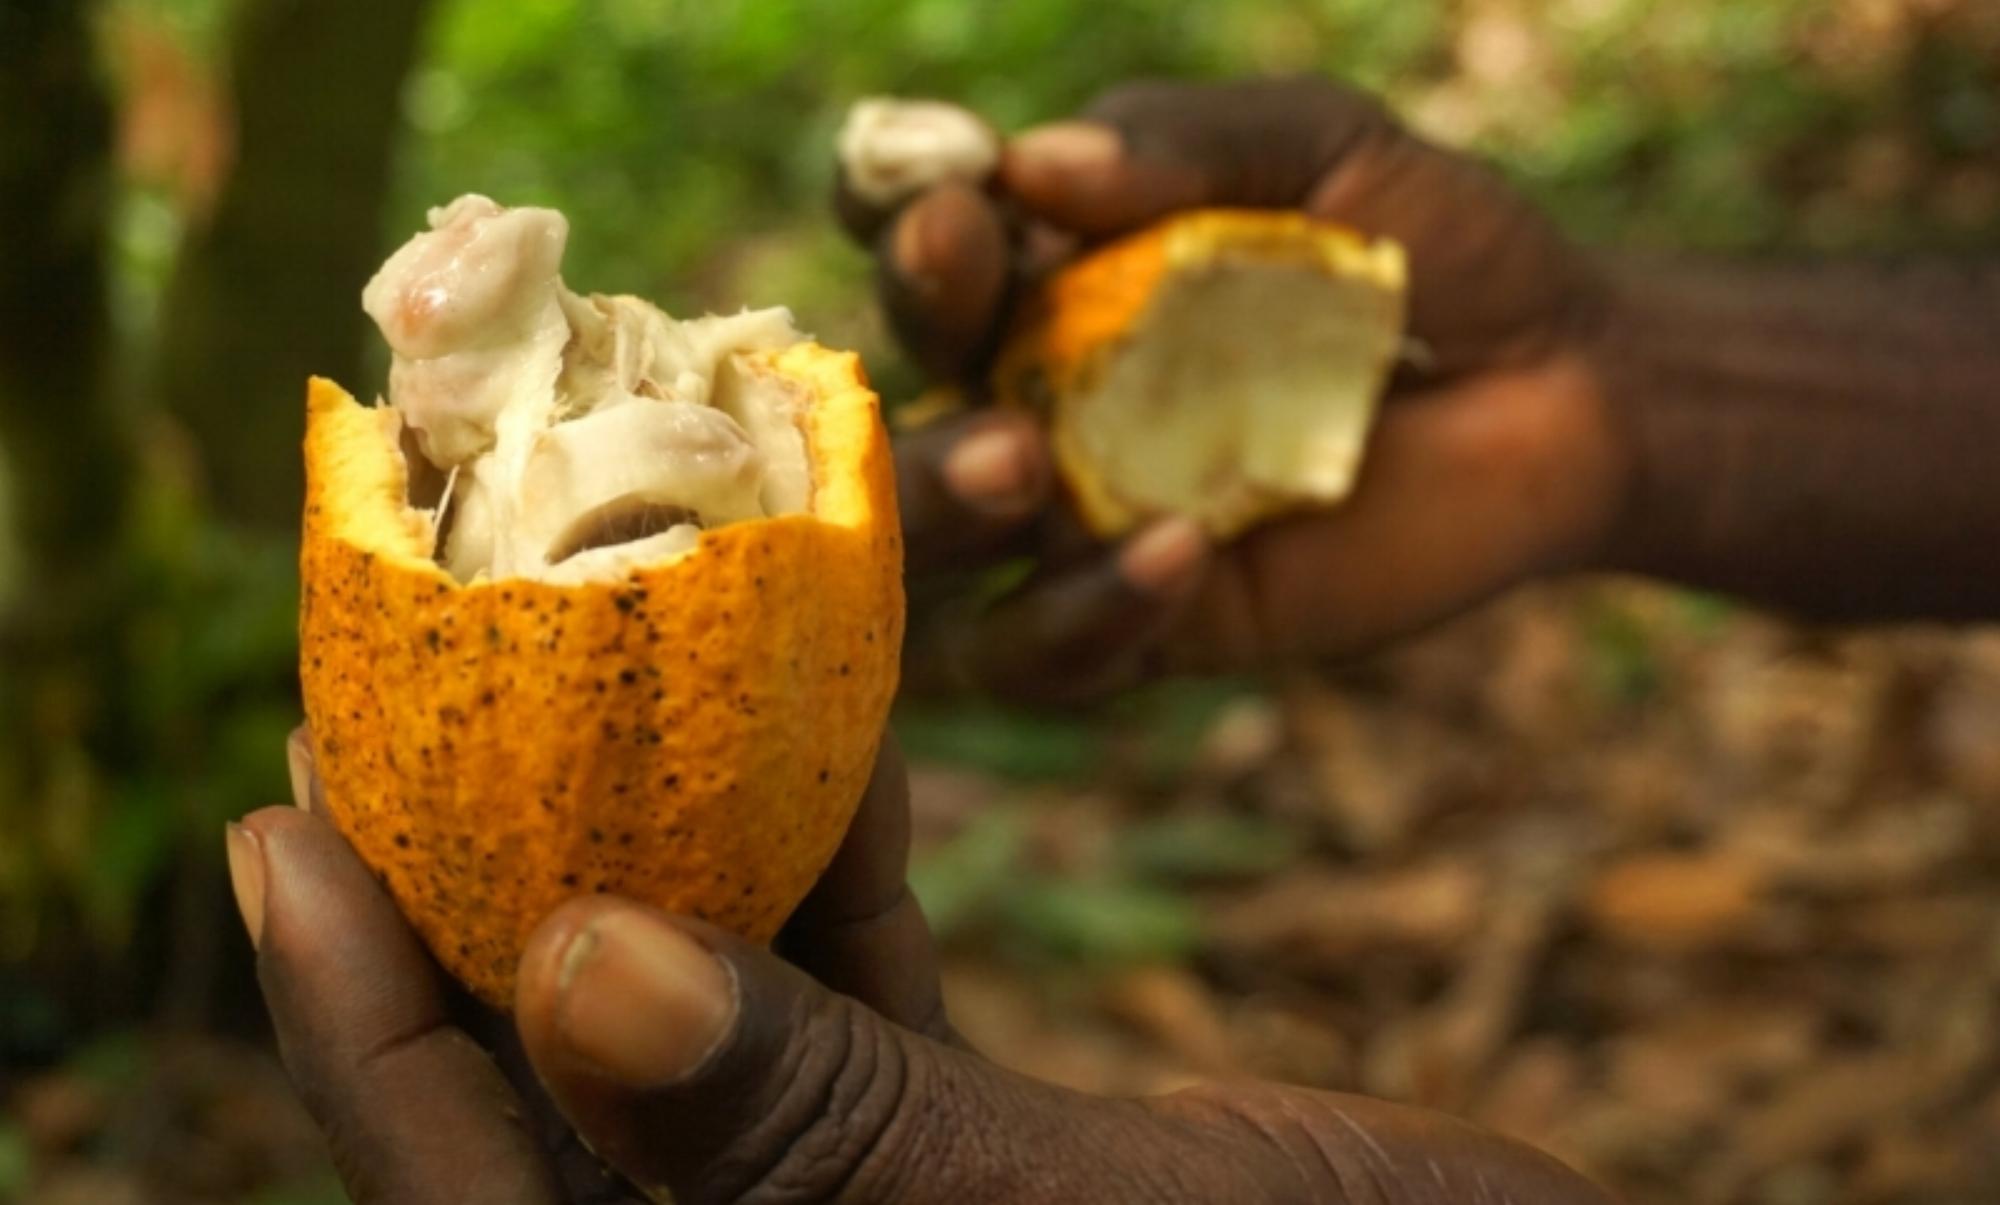 Cocoa bean from Ella's family farm in Ghana.